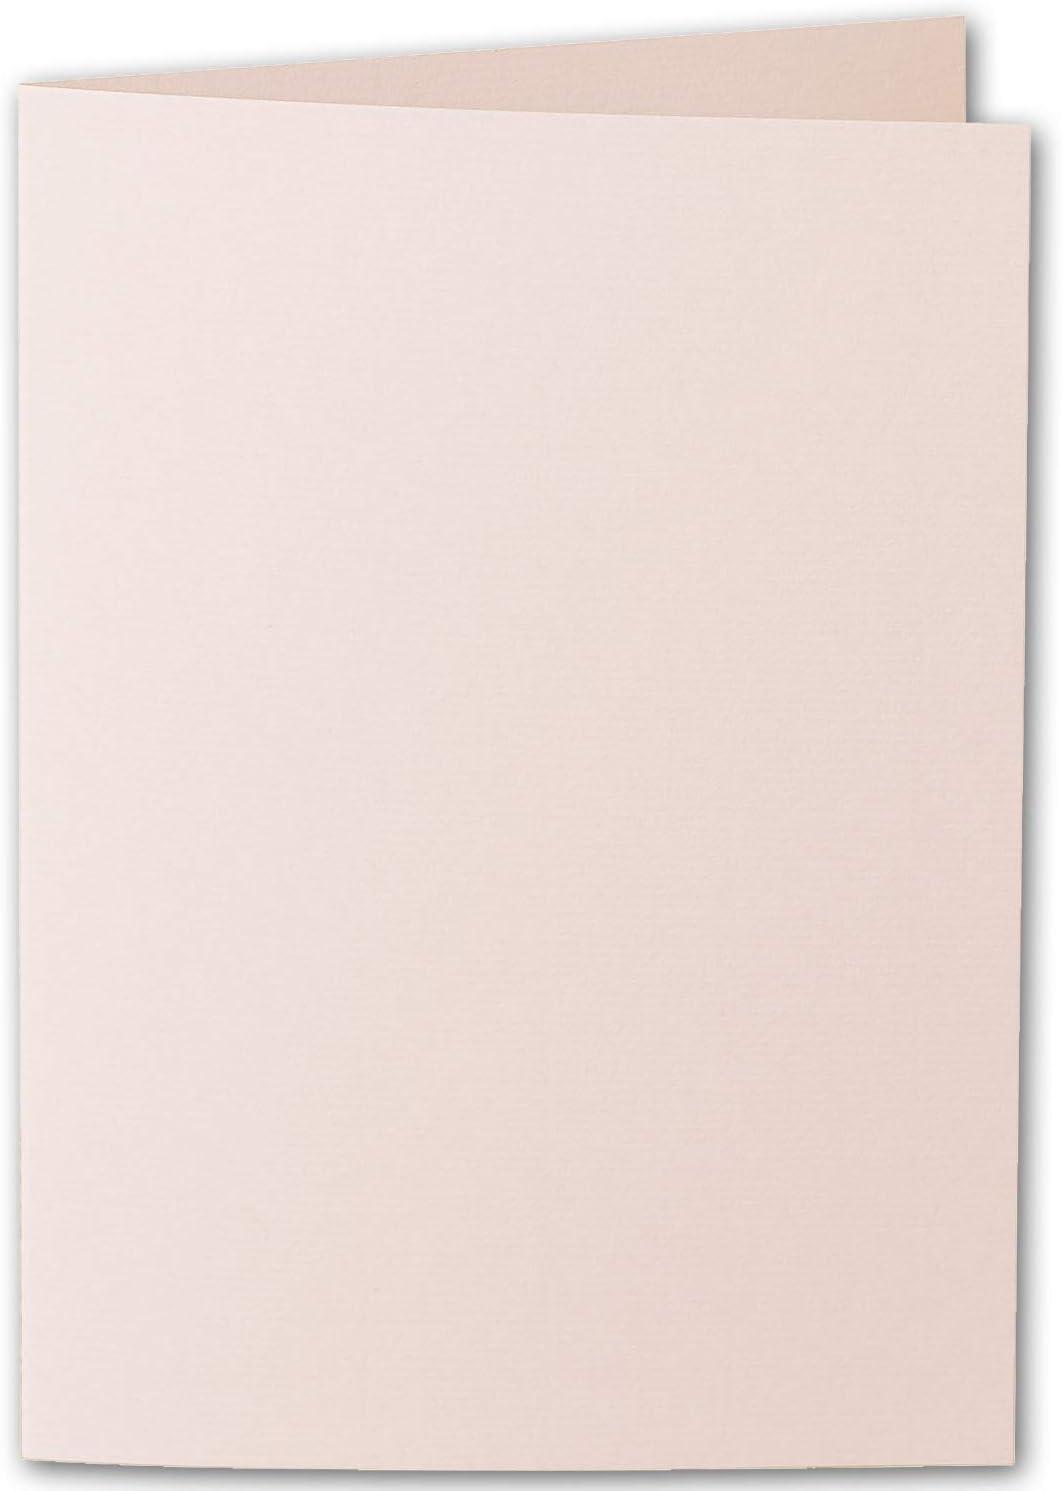 gerippt 148 x 210 mm Klappkarten hochdoppelt Apricot ARTOZ 50x DIN A5 Faltkarten mit Geschenkbox Blanko Doppelkarte mit 220 g//m/² edle Egoutteur-Rippung Rosa